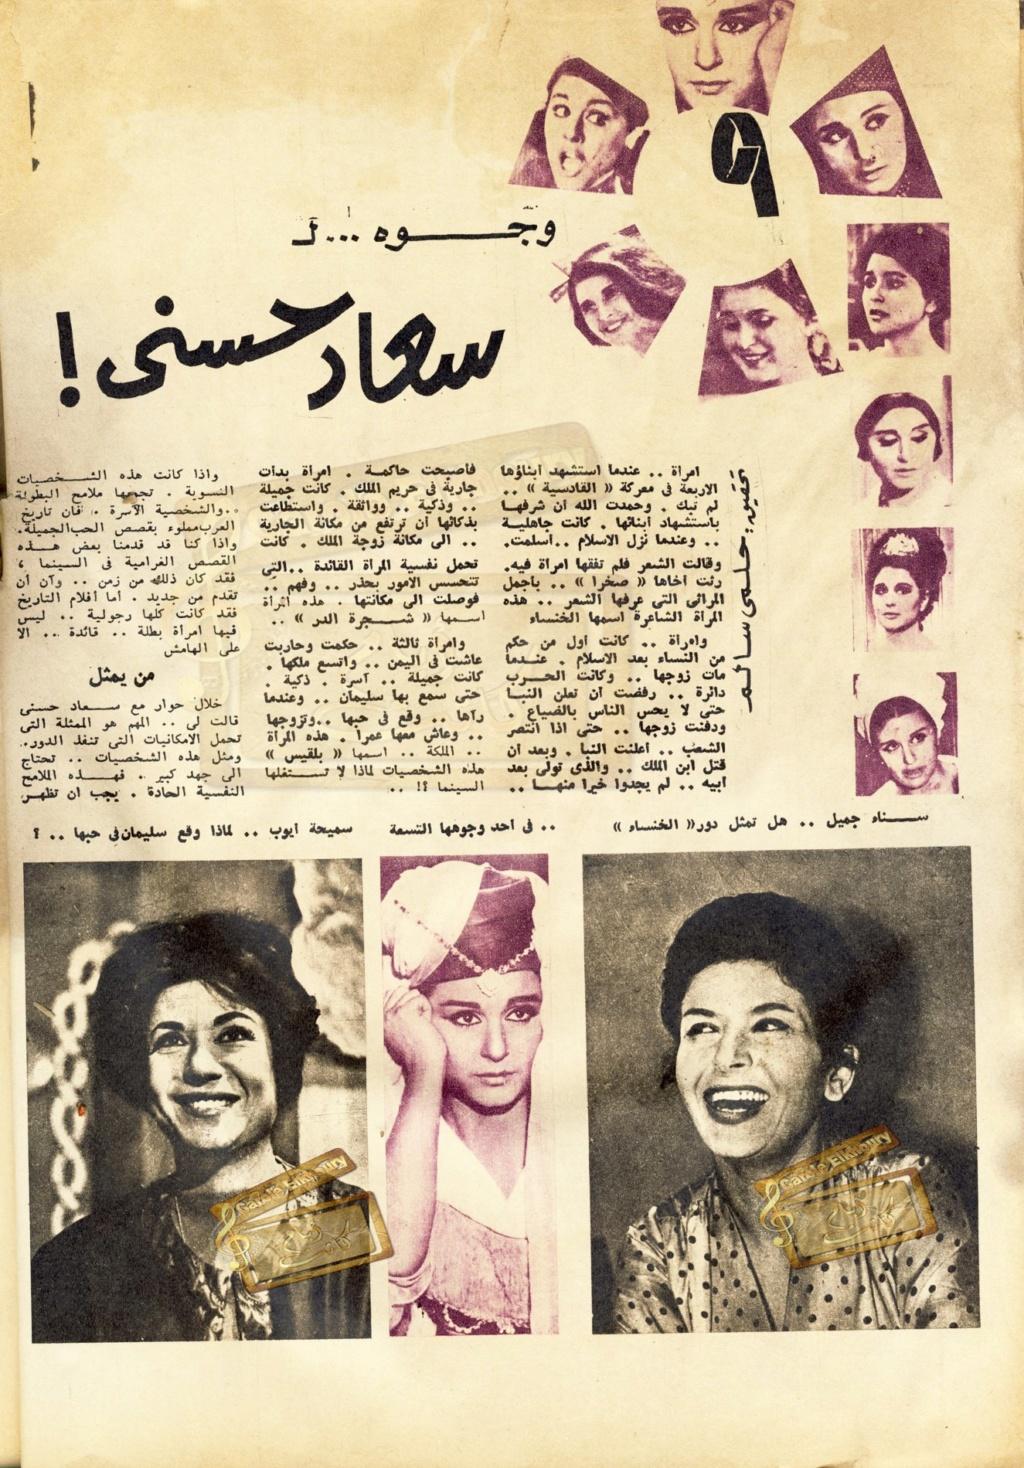 حوار صحفي : 9 وجوه .. لسعاد حسني ! 1966 م 255